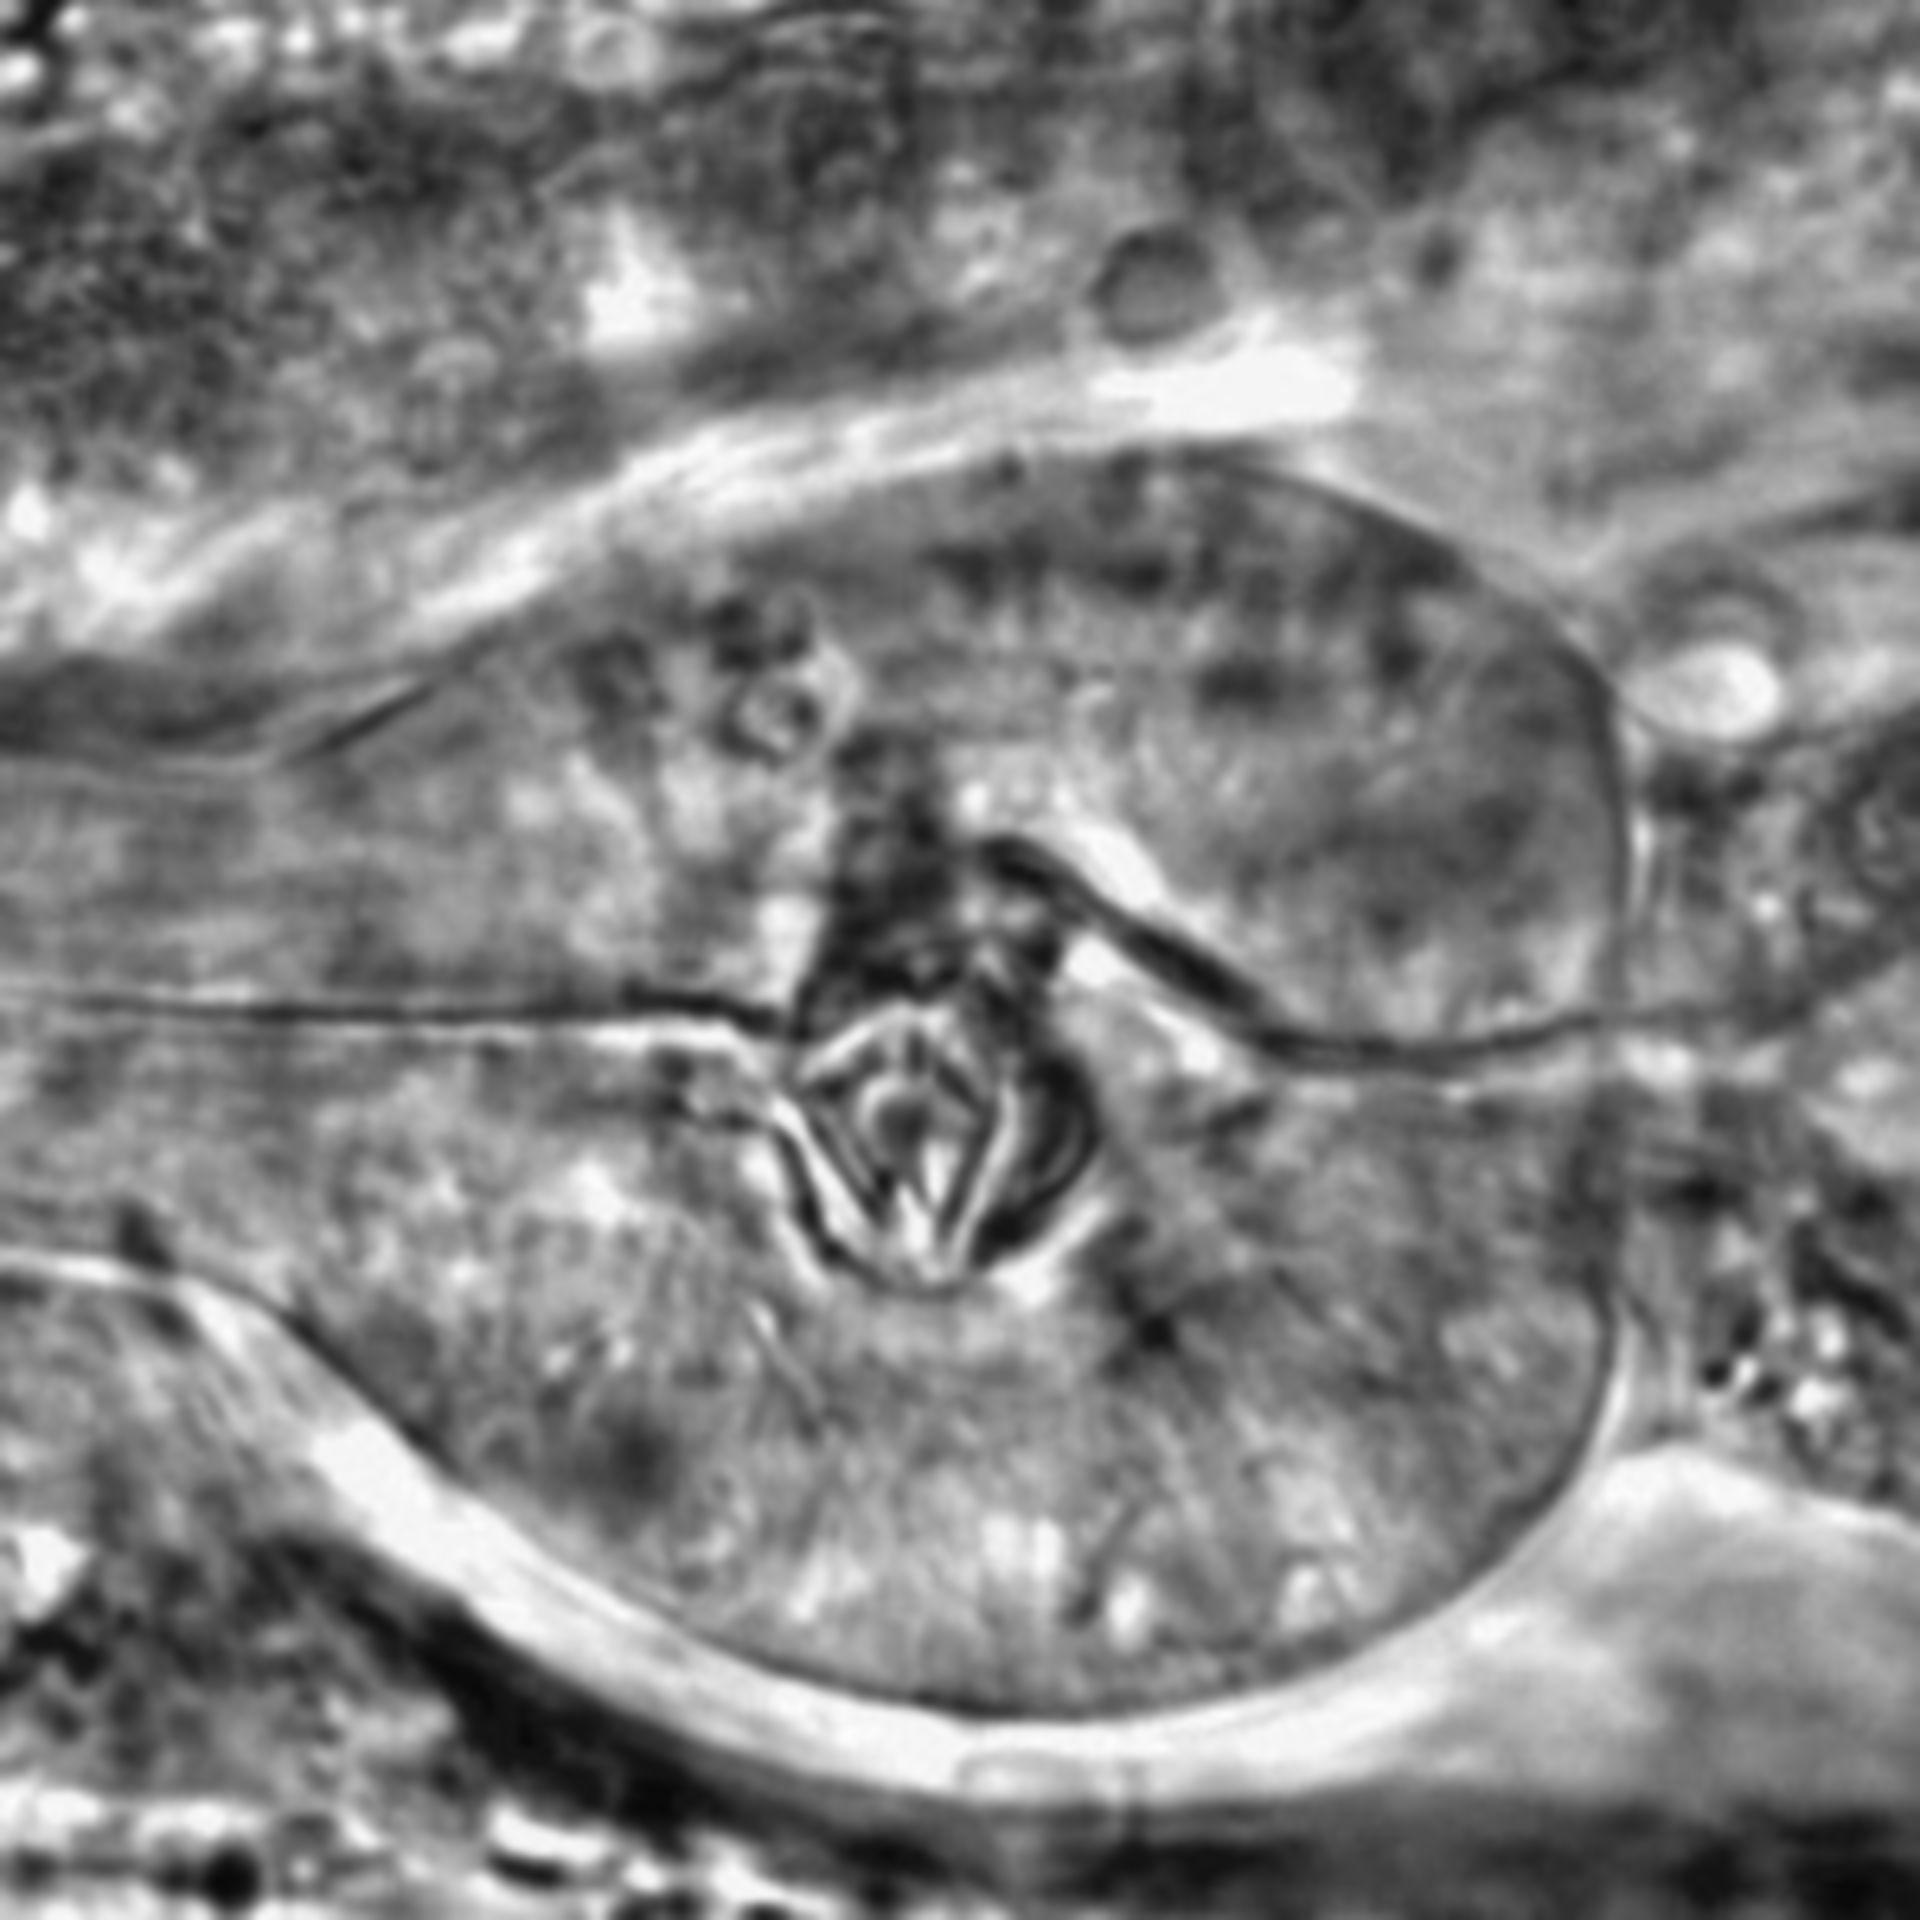 Caenorhabditis elegans - CIL:2293